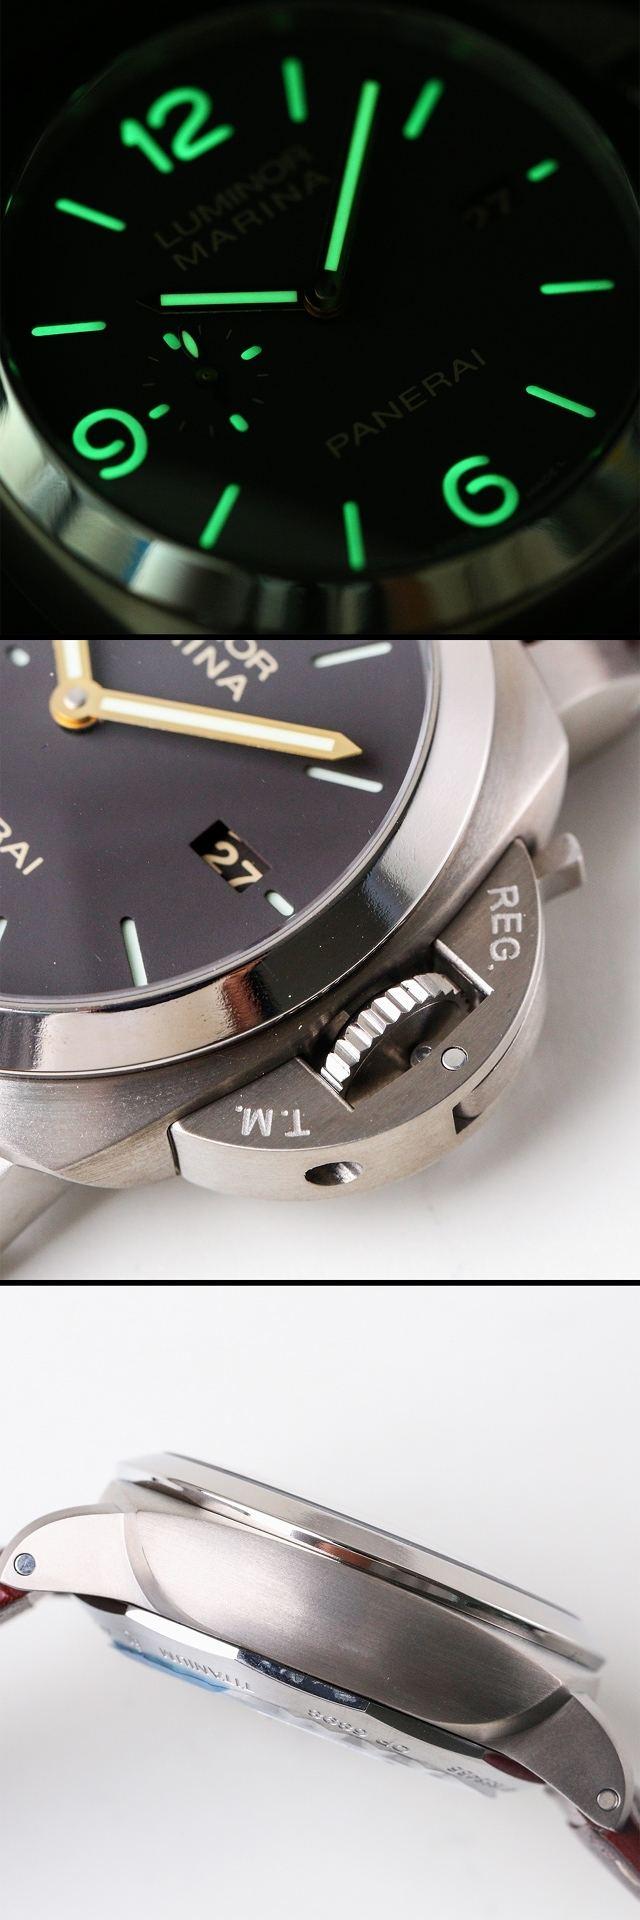 vs厂沛纳海PAM351钛金属自动上链机械腕表赏析